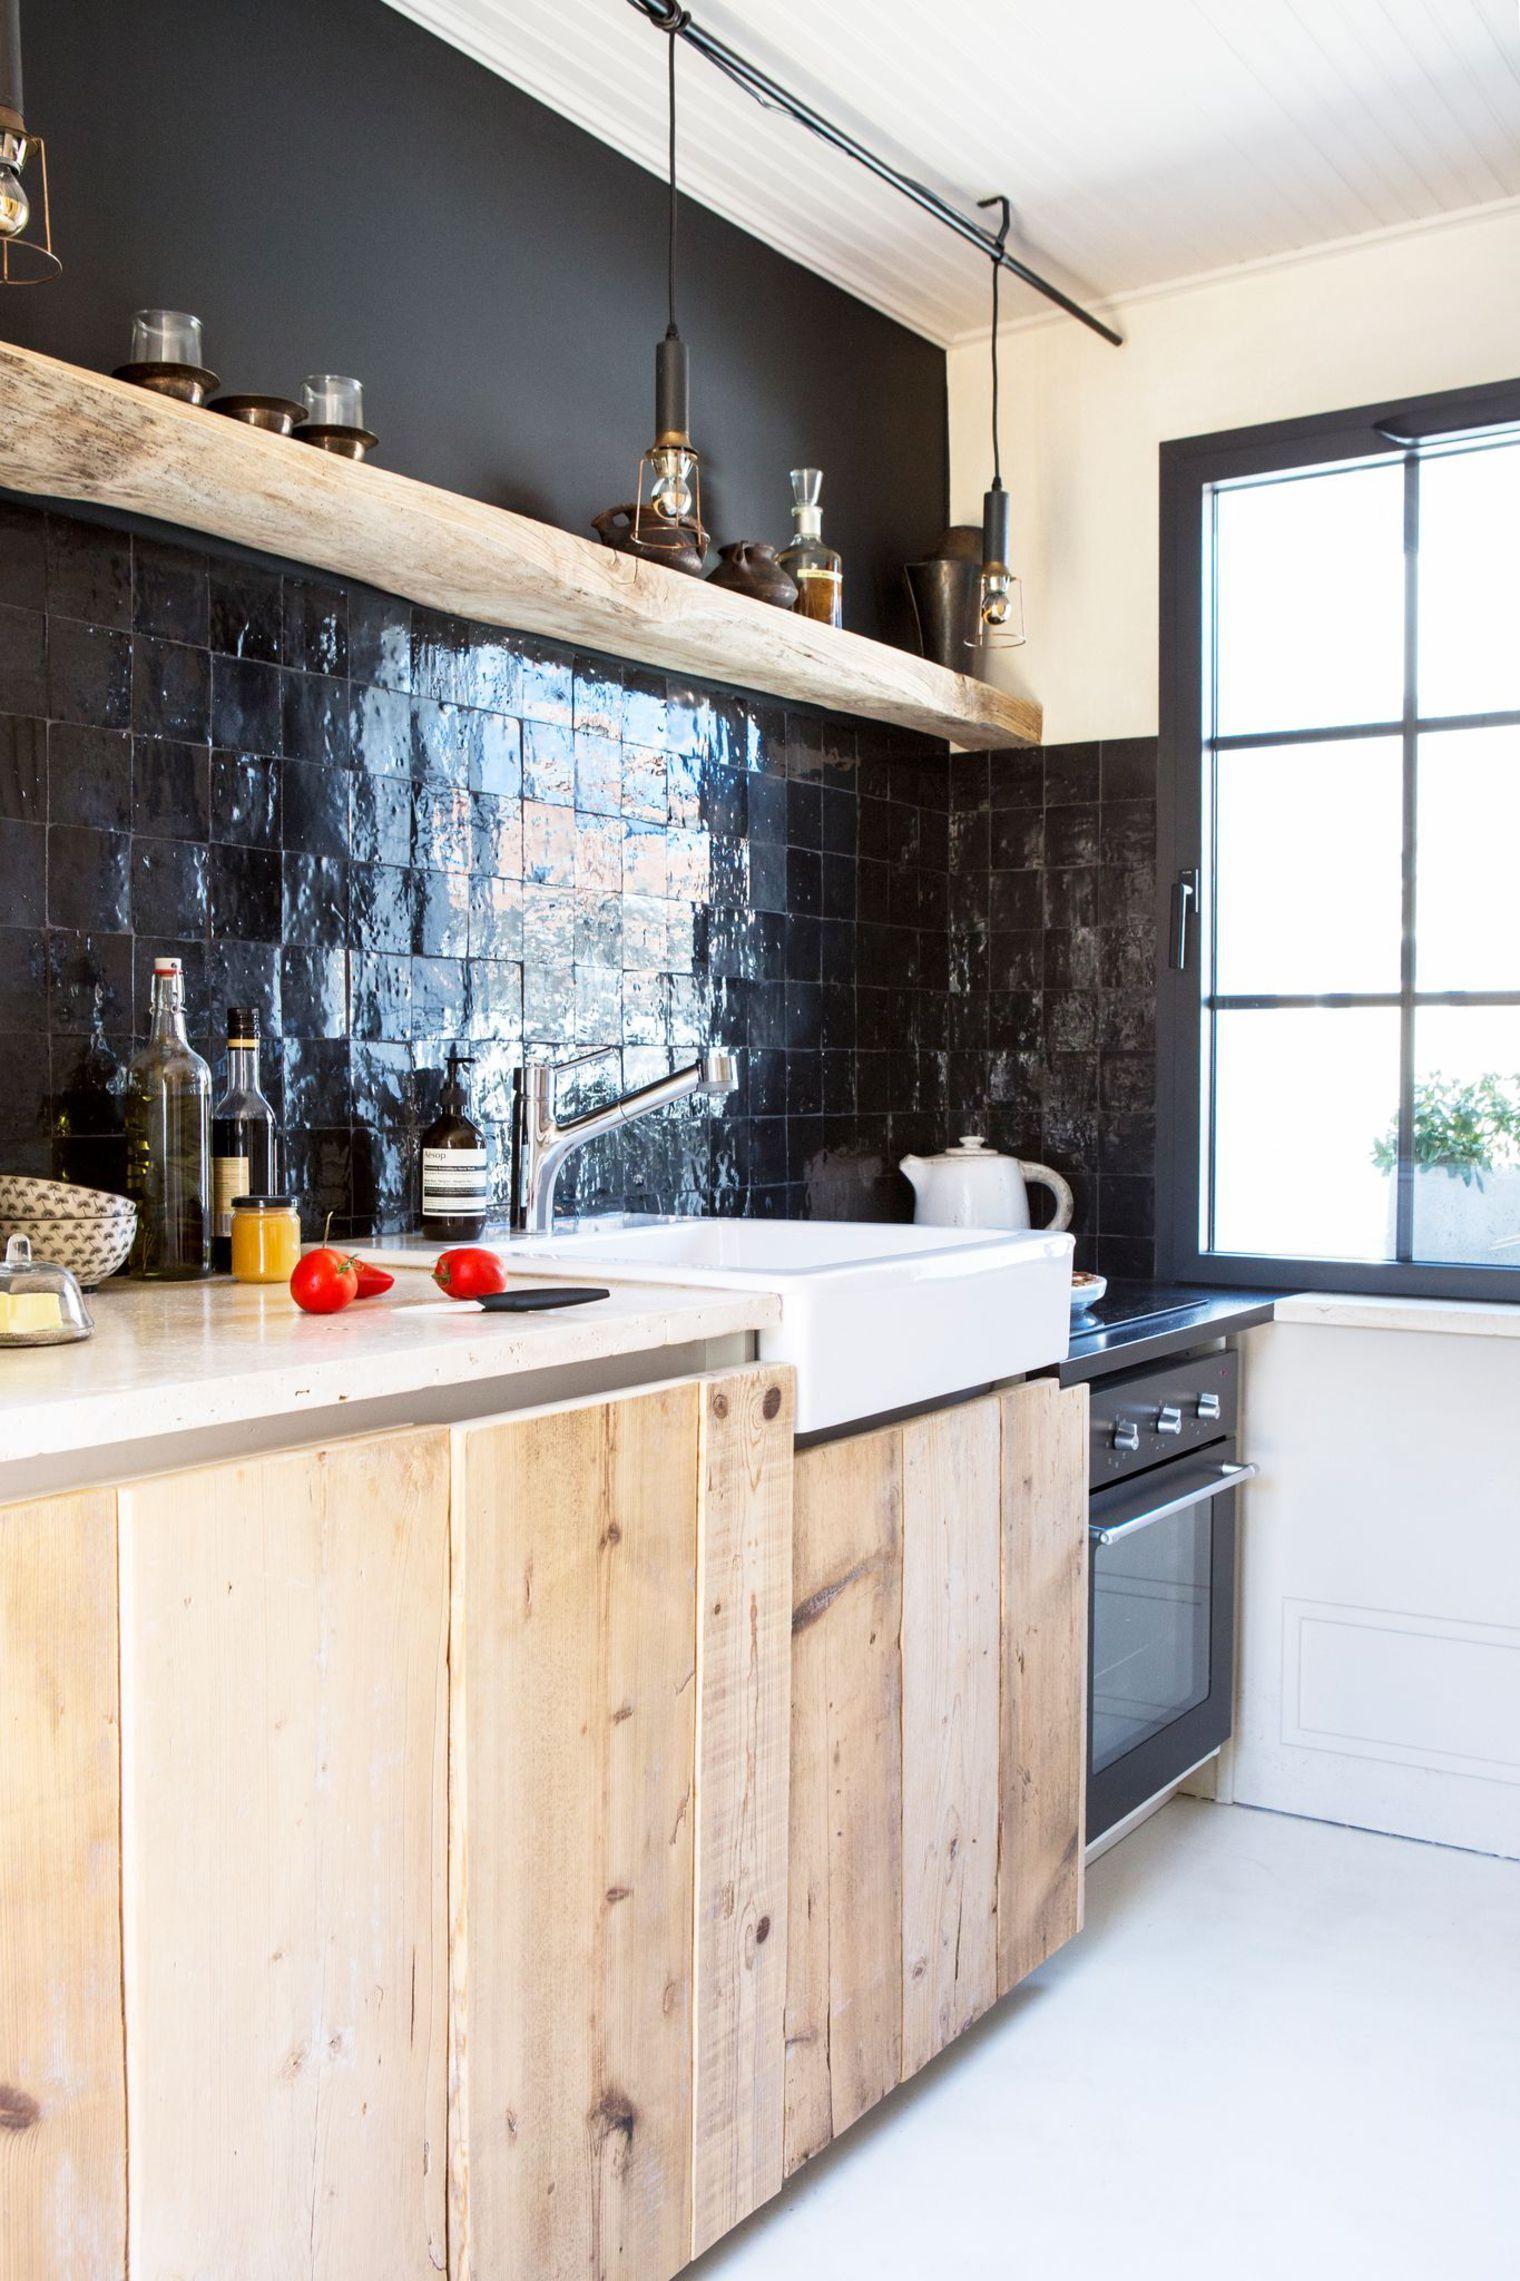 La cuisine demande une finition adaptee pour un resultat parfait peinture saint gilles pure also black zellige tile kitchen backsplash in rh pinterest